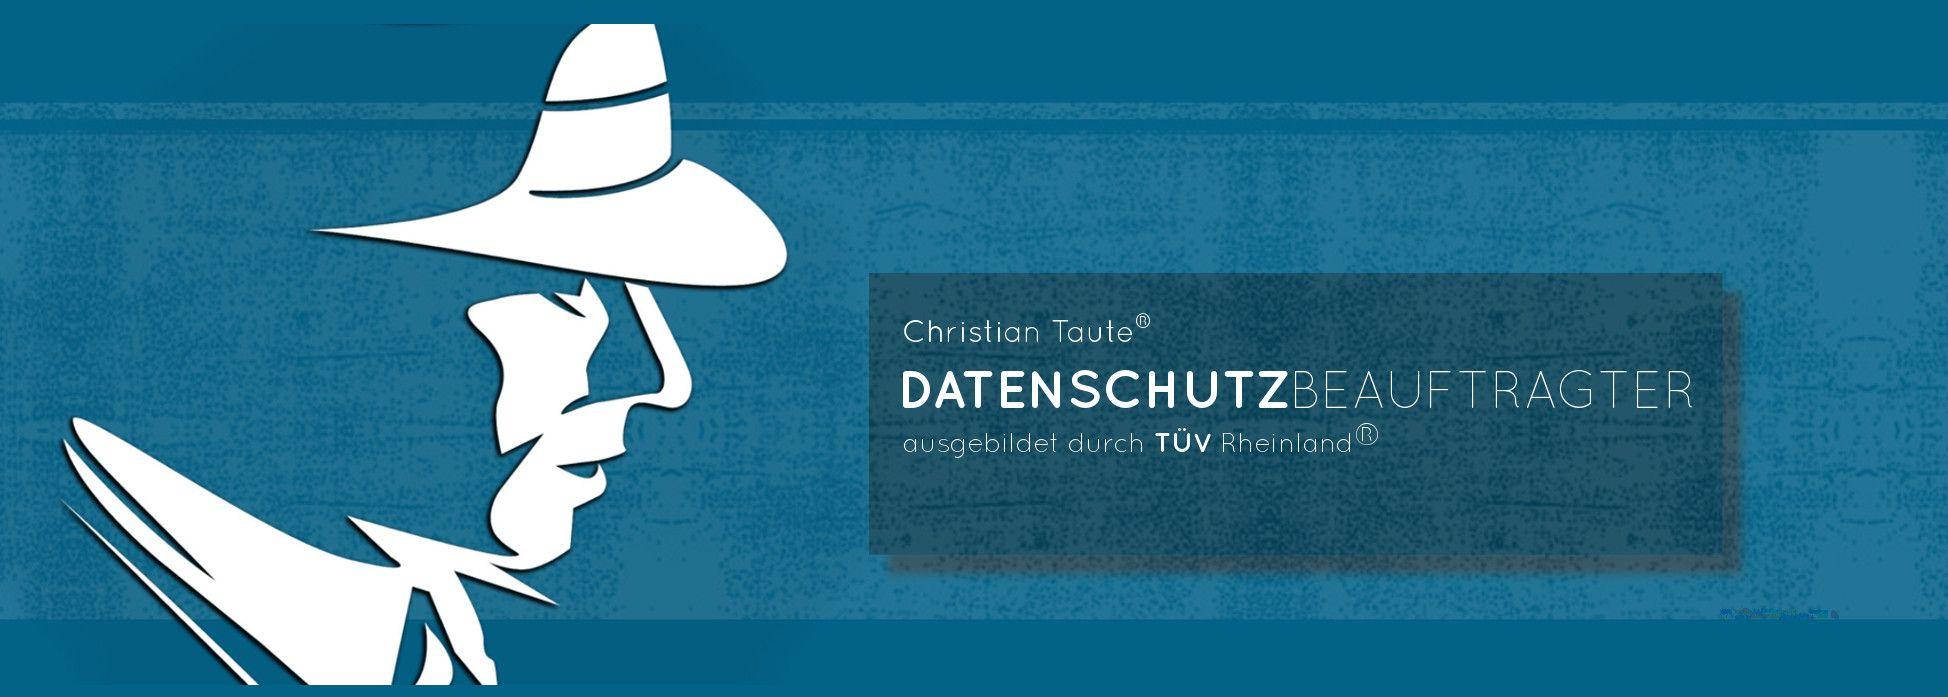 Datenschutzbeauftragter nach DSGVO und neuem BDSG